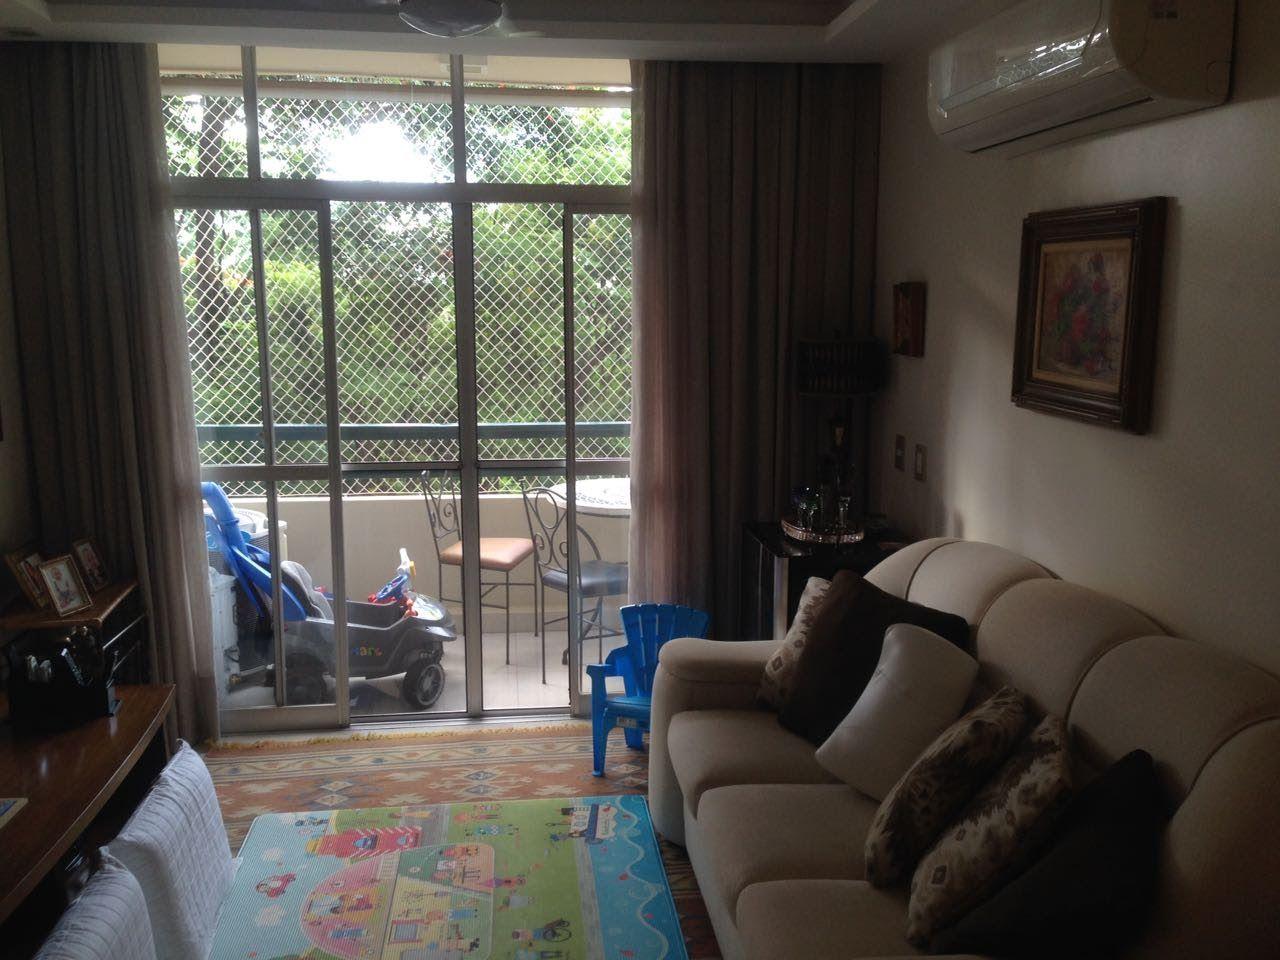 229 - Apto Jardim Castelo Branco 105 m²